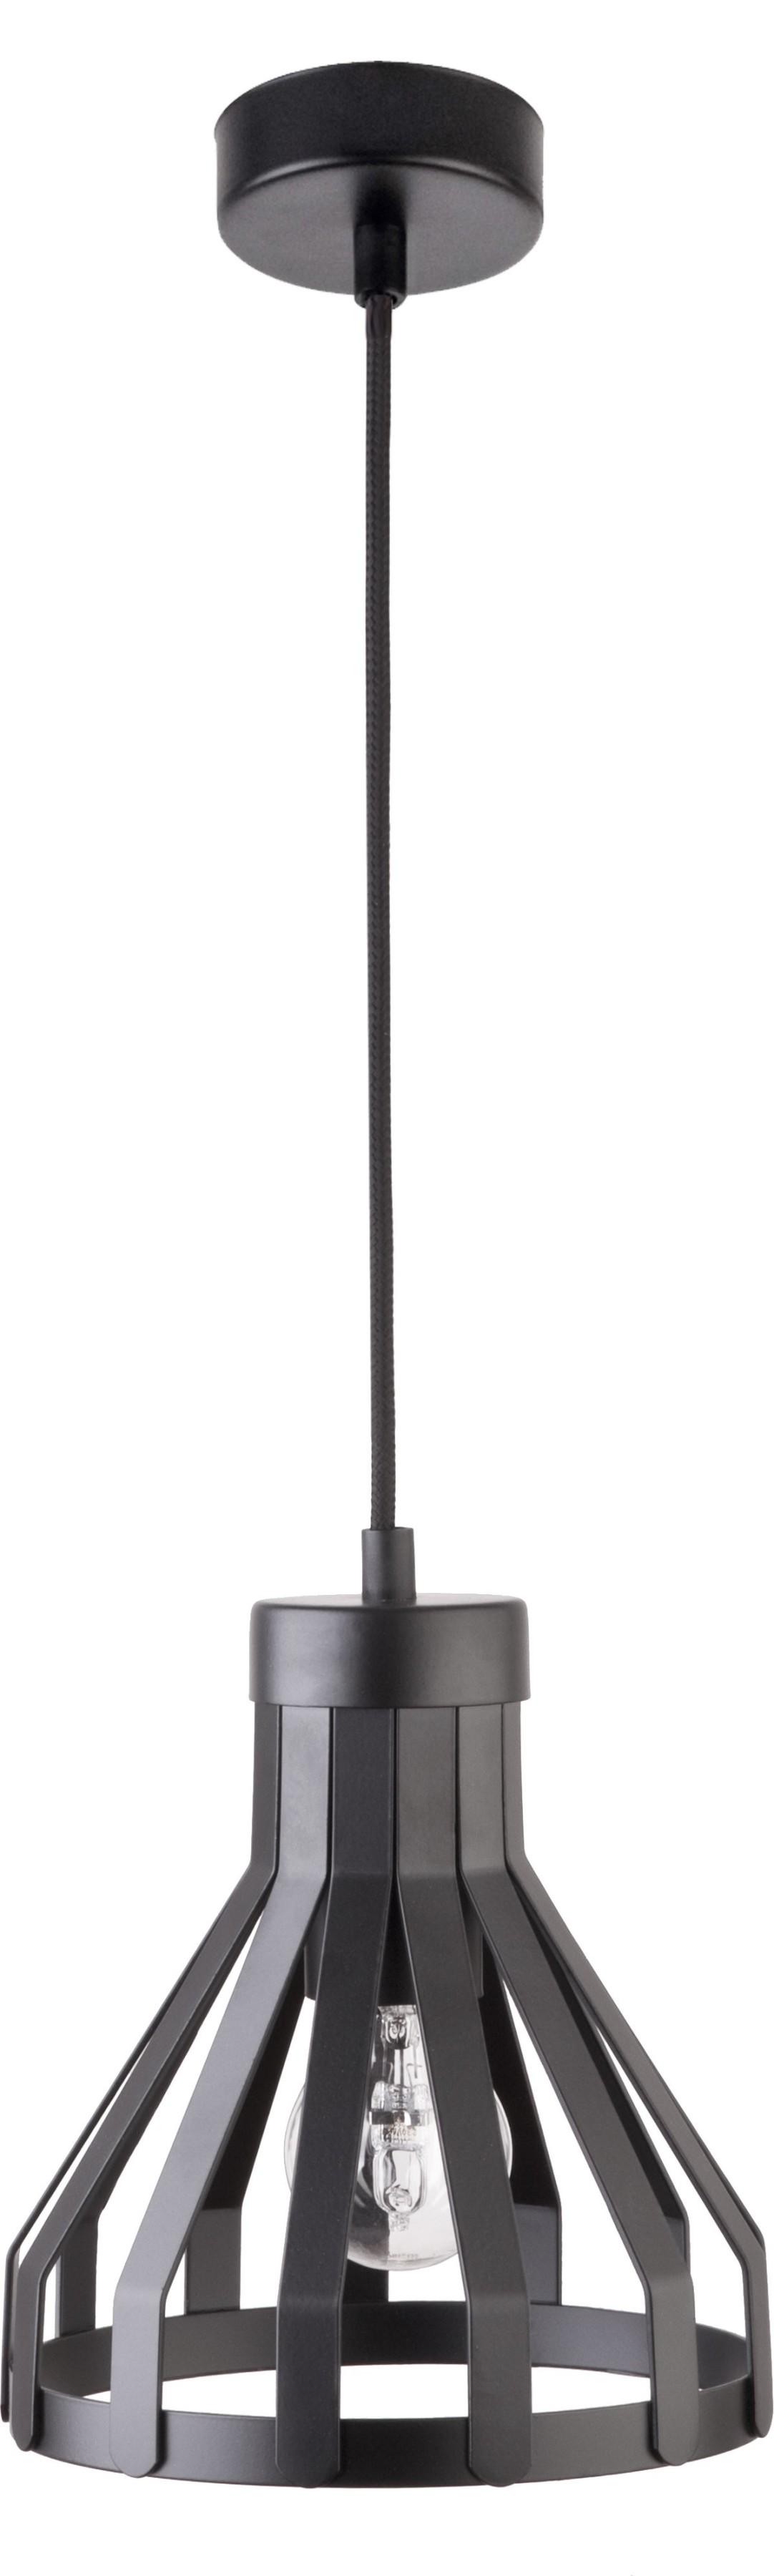 Lampa wisząca Kola 1 S czarna 30909 - Sigma Do -17% rabatu w koszyku i darmowa dostawa od 299zł !